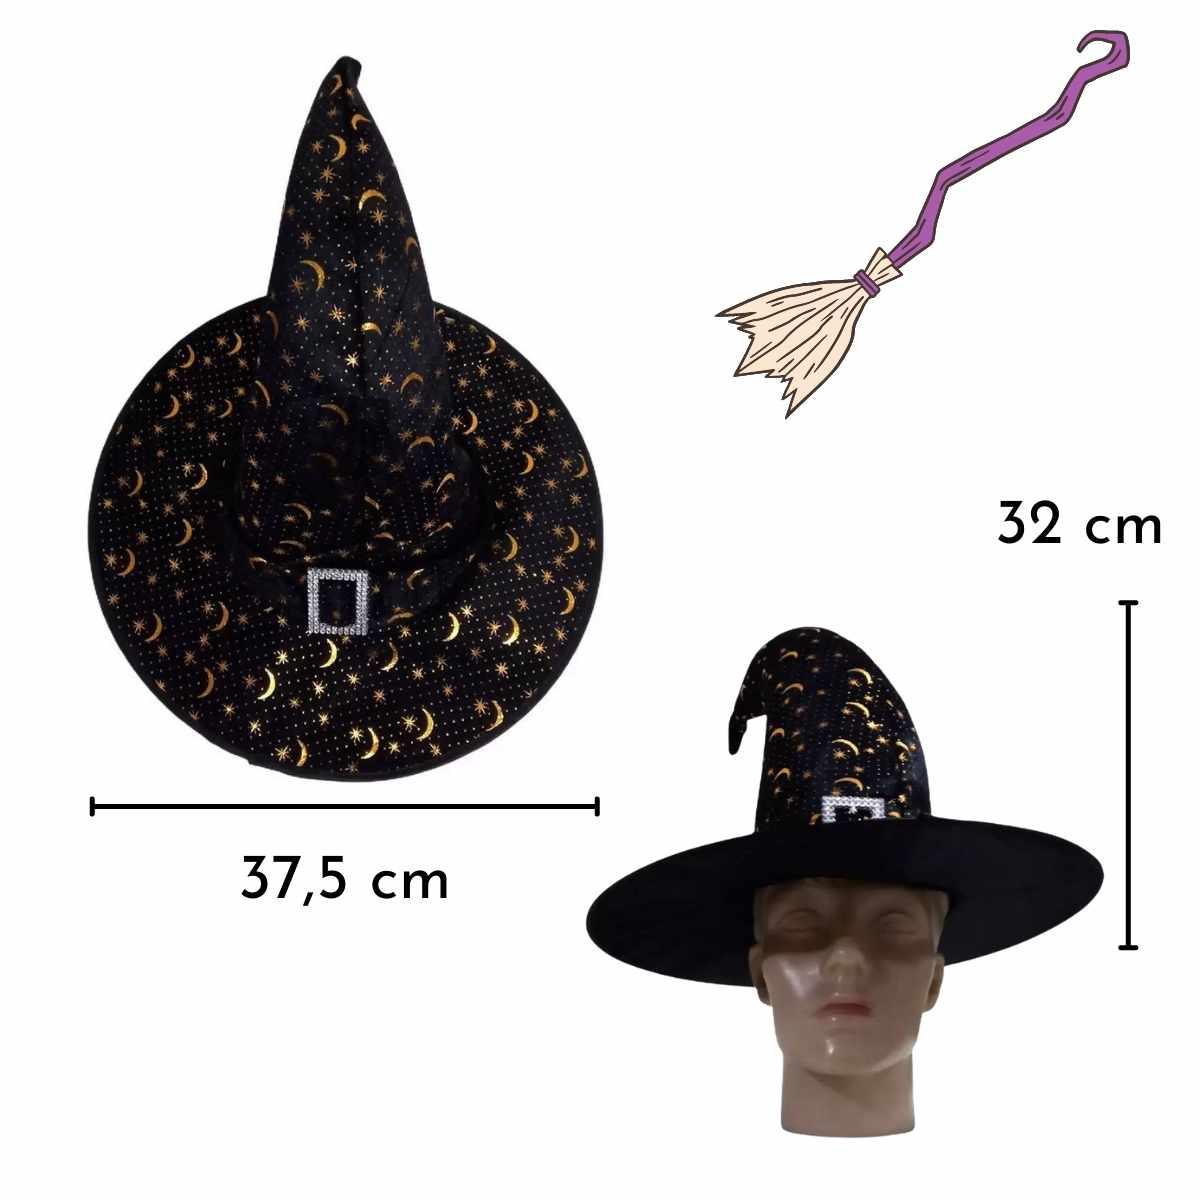 Chapéu de Bruxa Lua/Estrela com Fivela